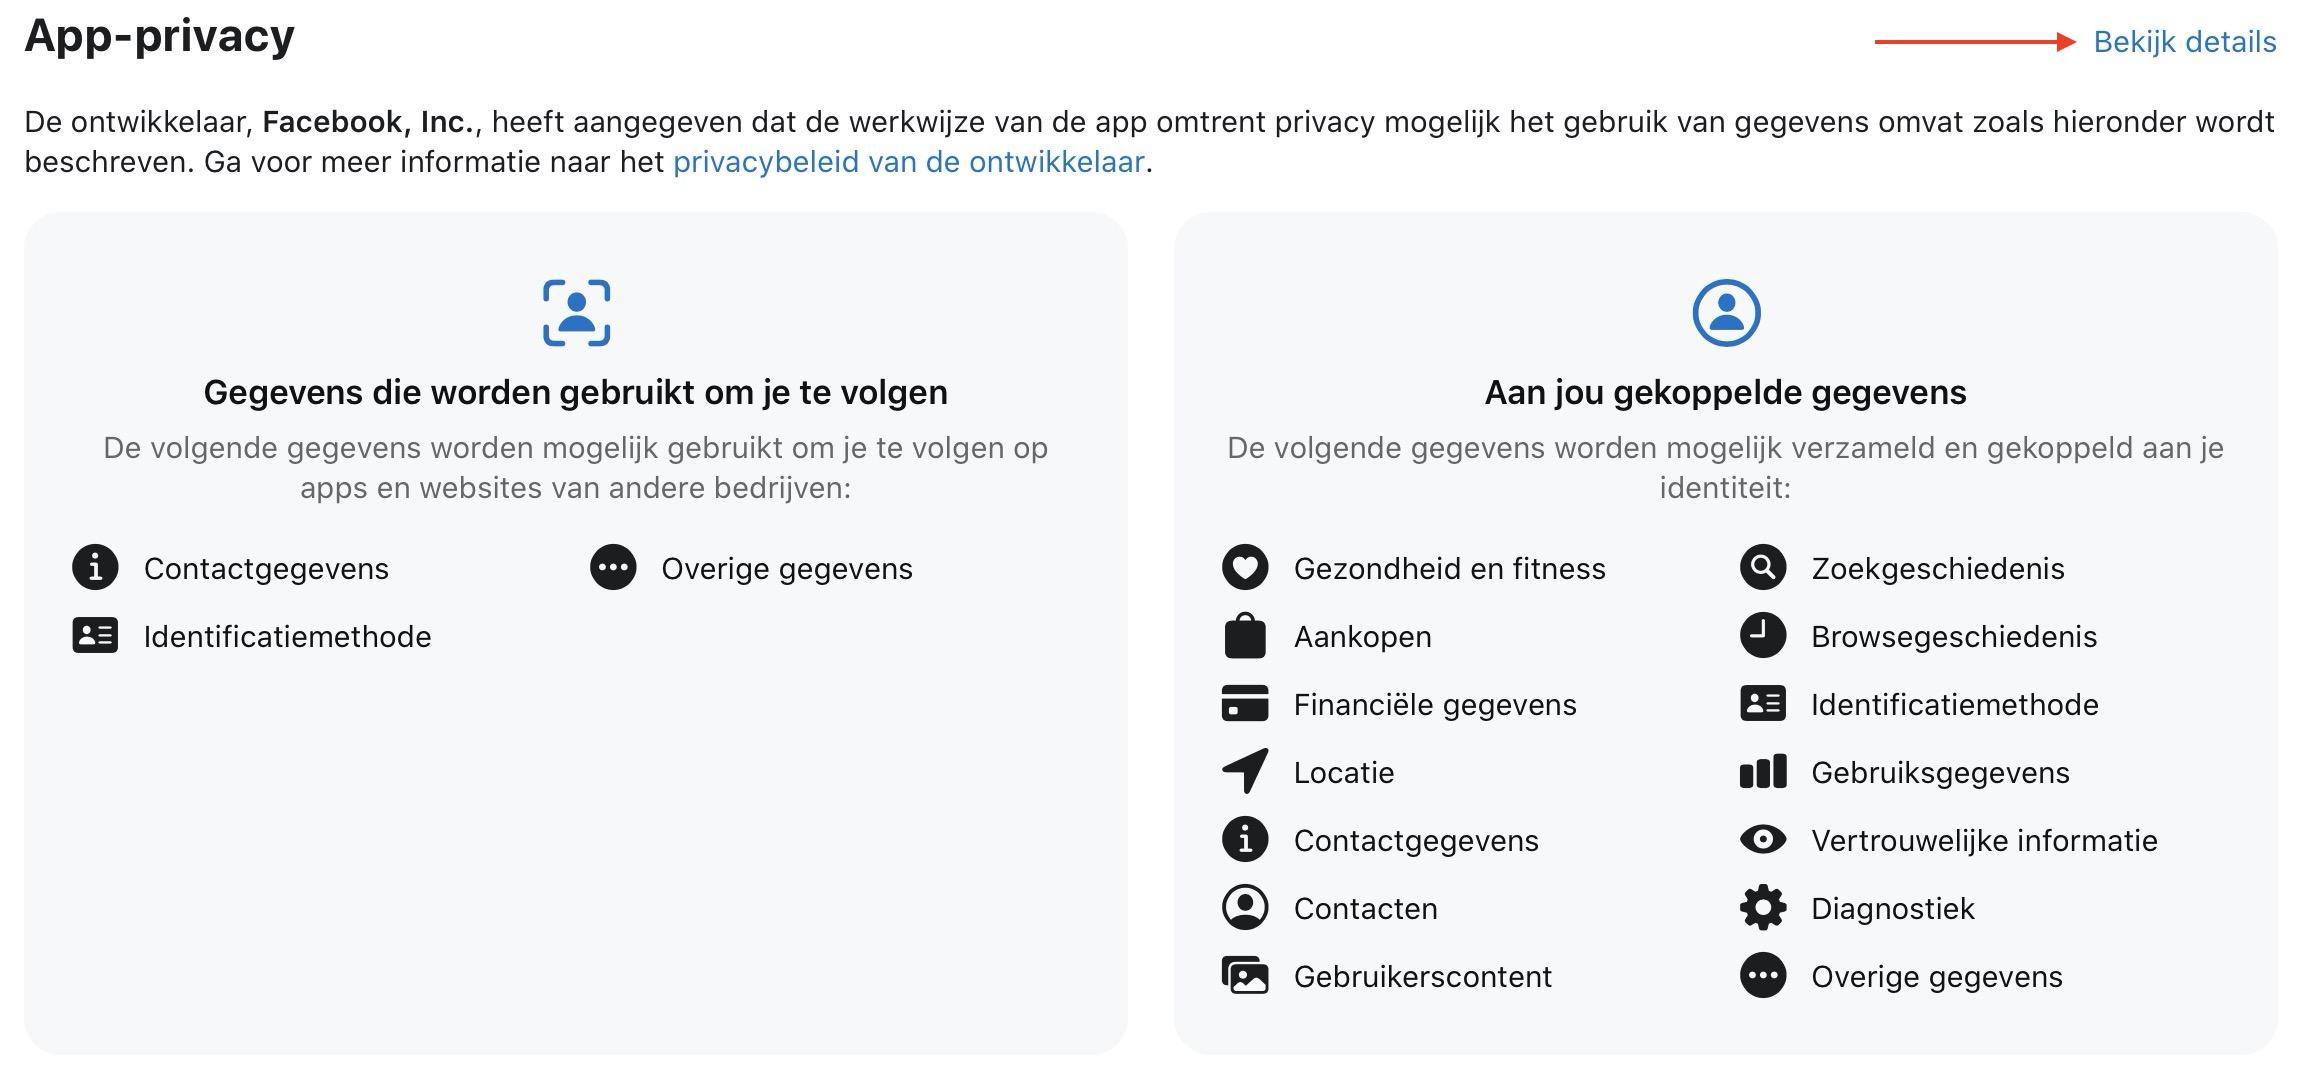 https://www.macfreak.nl/modules/news/images/zArt.FacebookAppPrivacyLabel.jpg